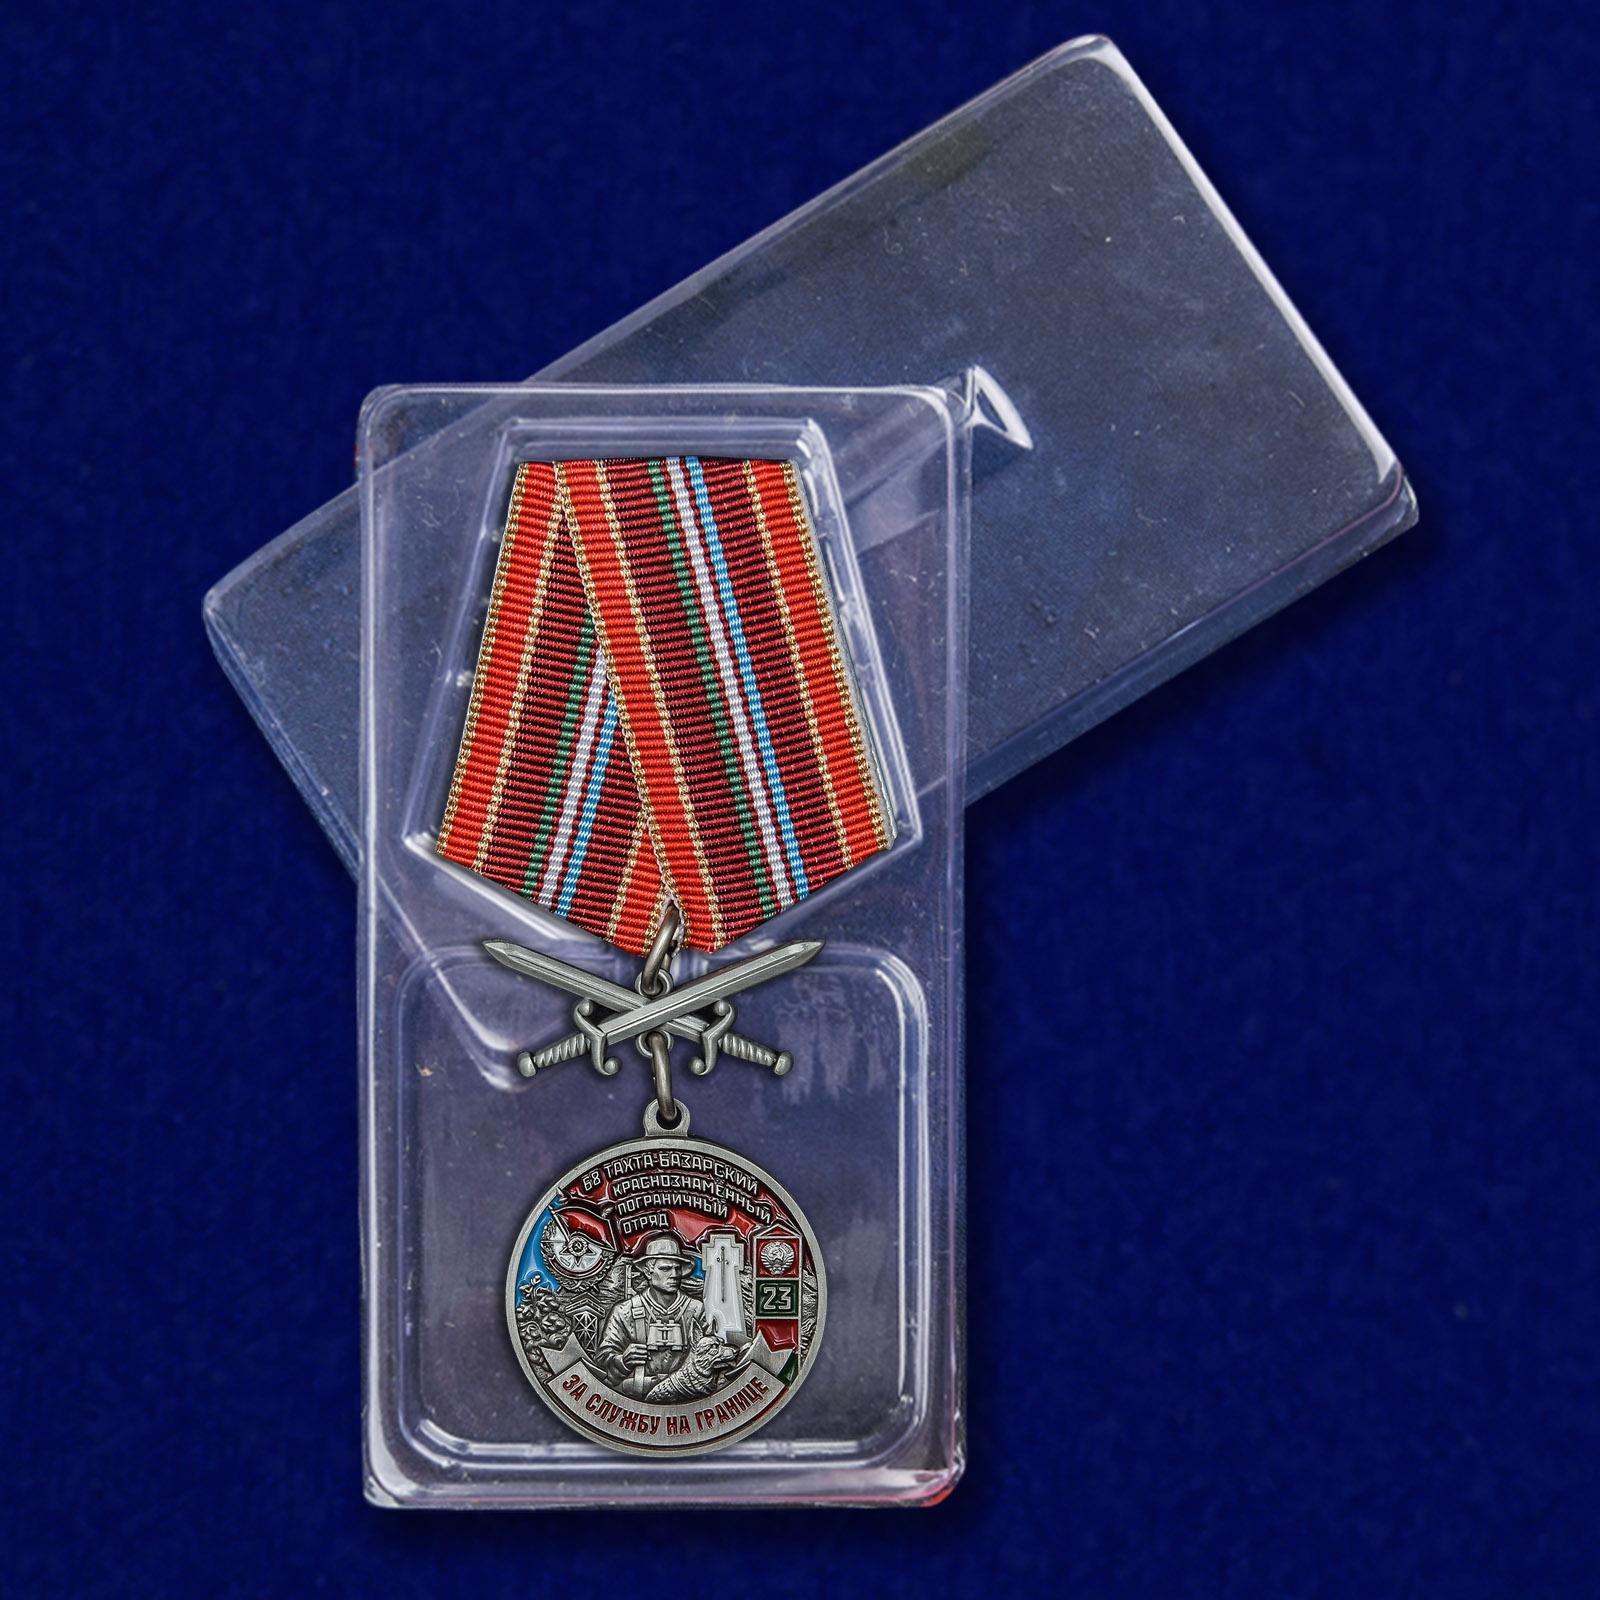 """Медаль """"За службу в Тахта-Базарском пограничном отряде"""" - в футляре"""